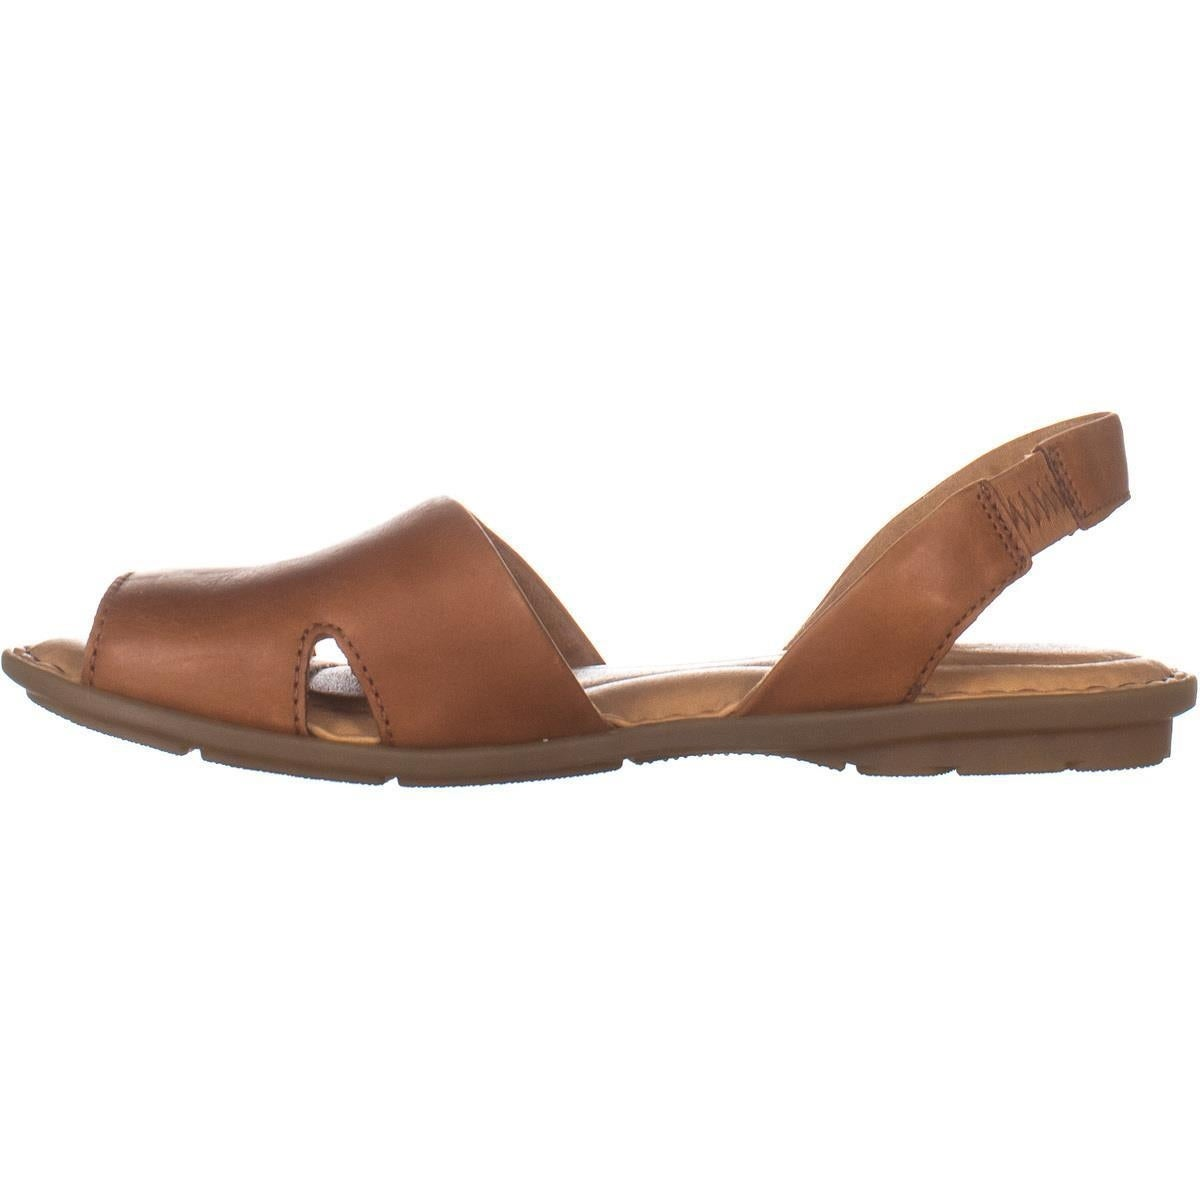 Born Kibbee Slingback Flat Sandals, Tan